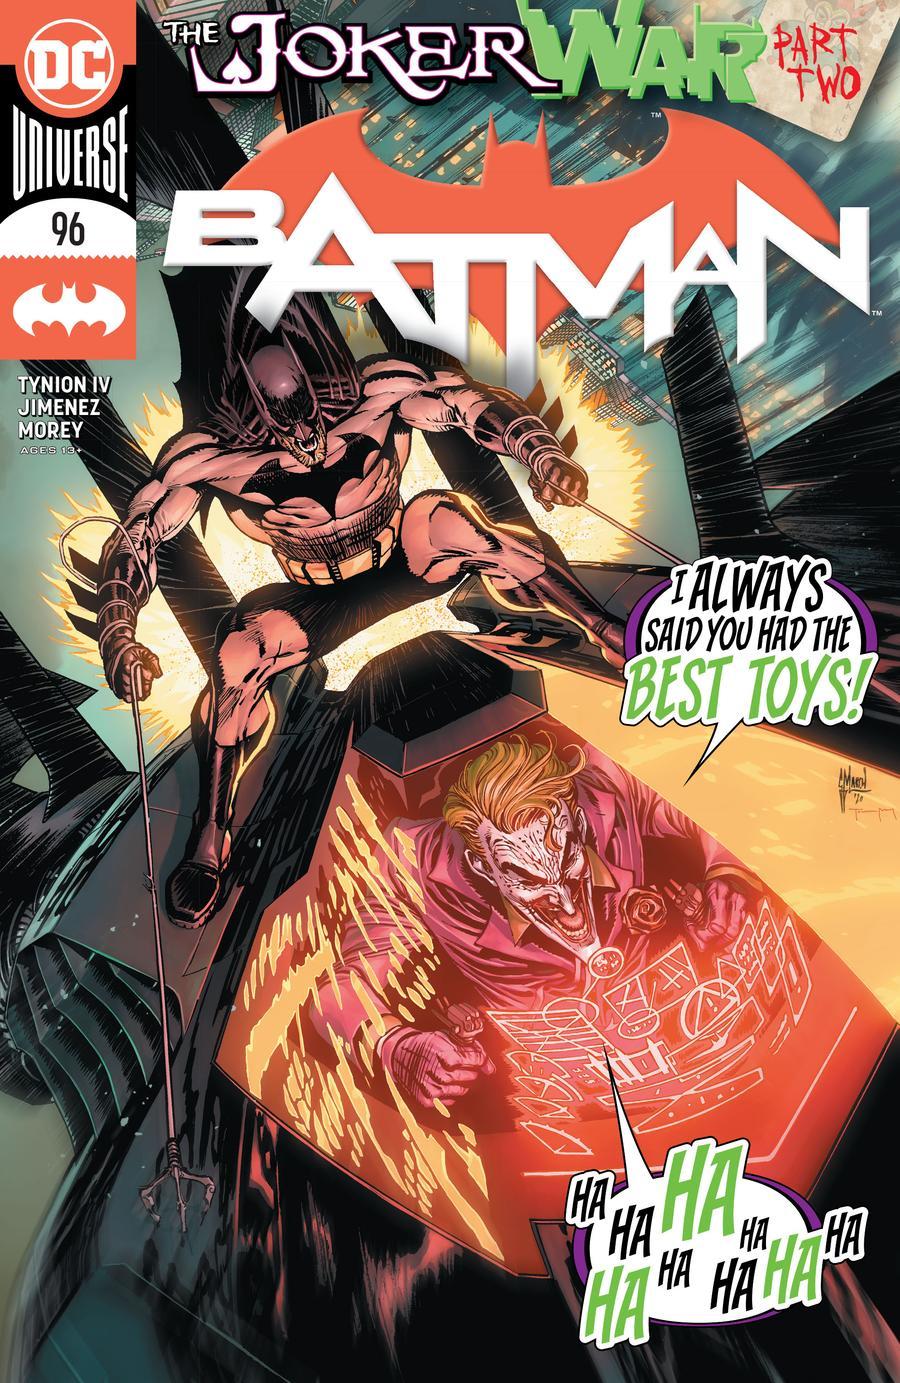 Batman Vol 3 #96 Cover A Regular Guillem March Cover (Joker War Tie-In)